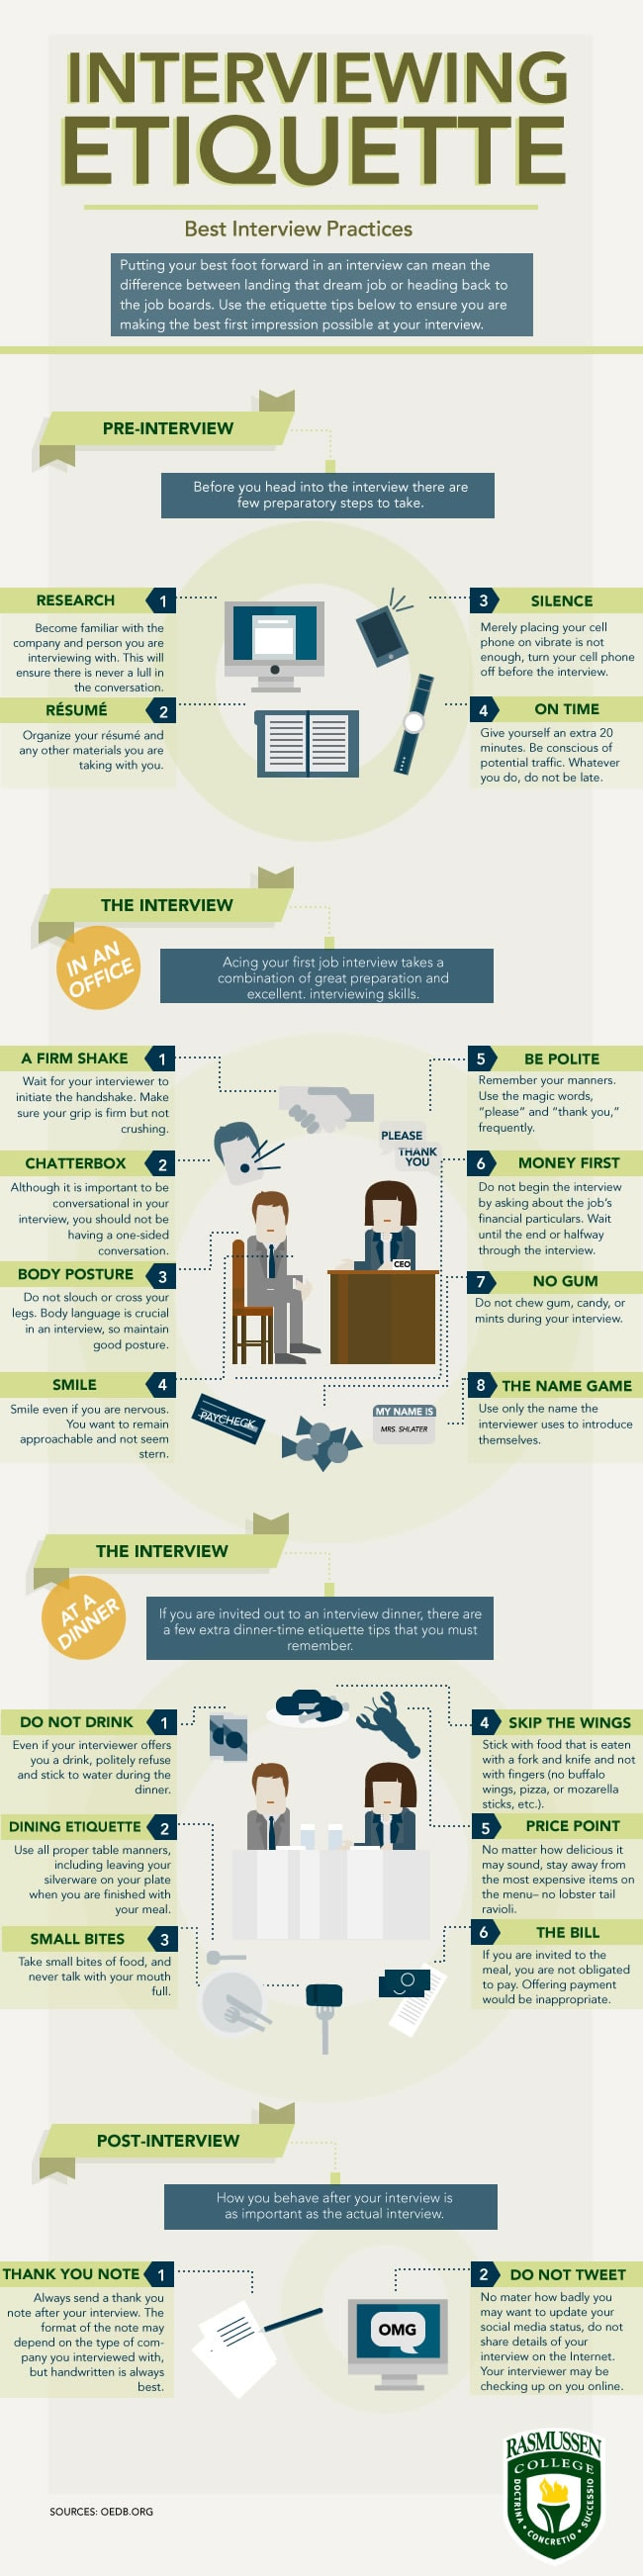 Interview Etiquette Guide